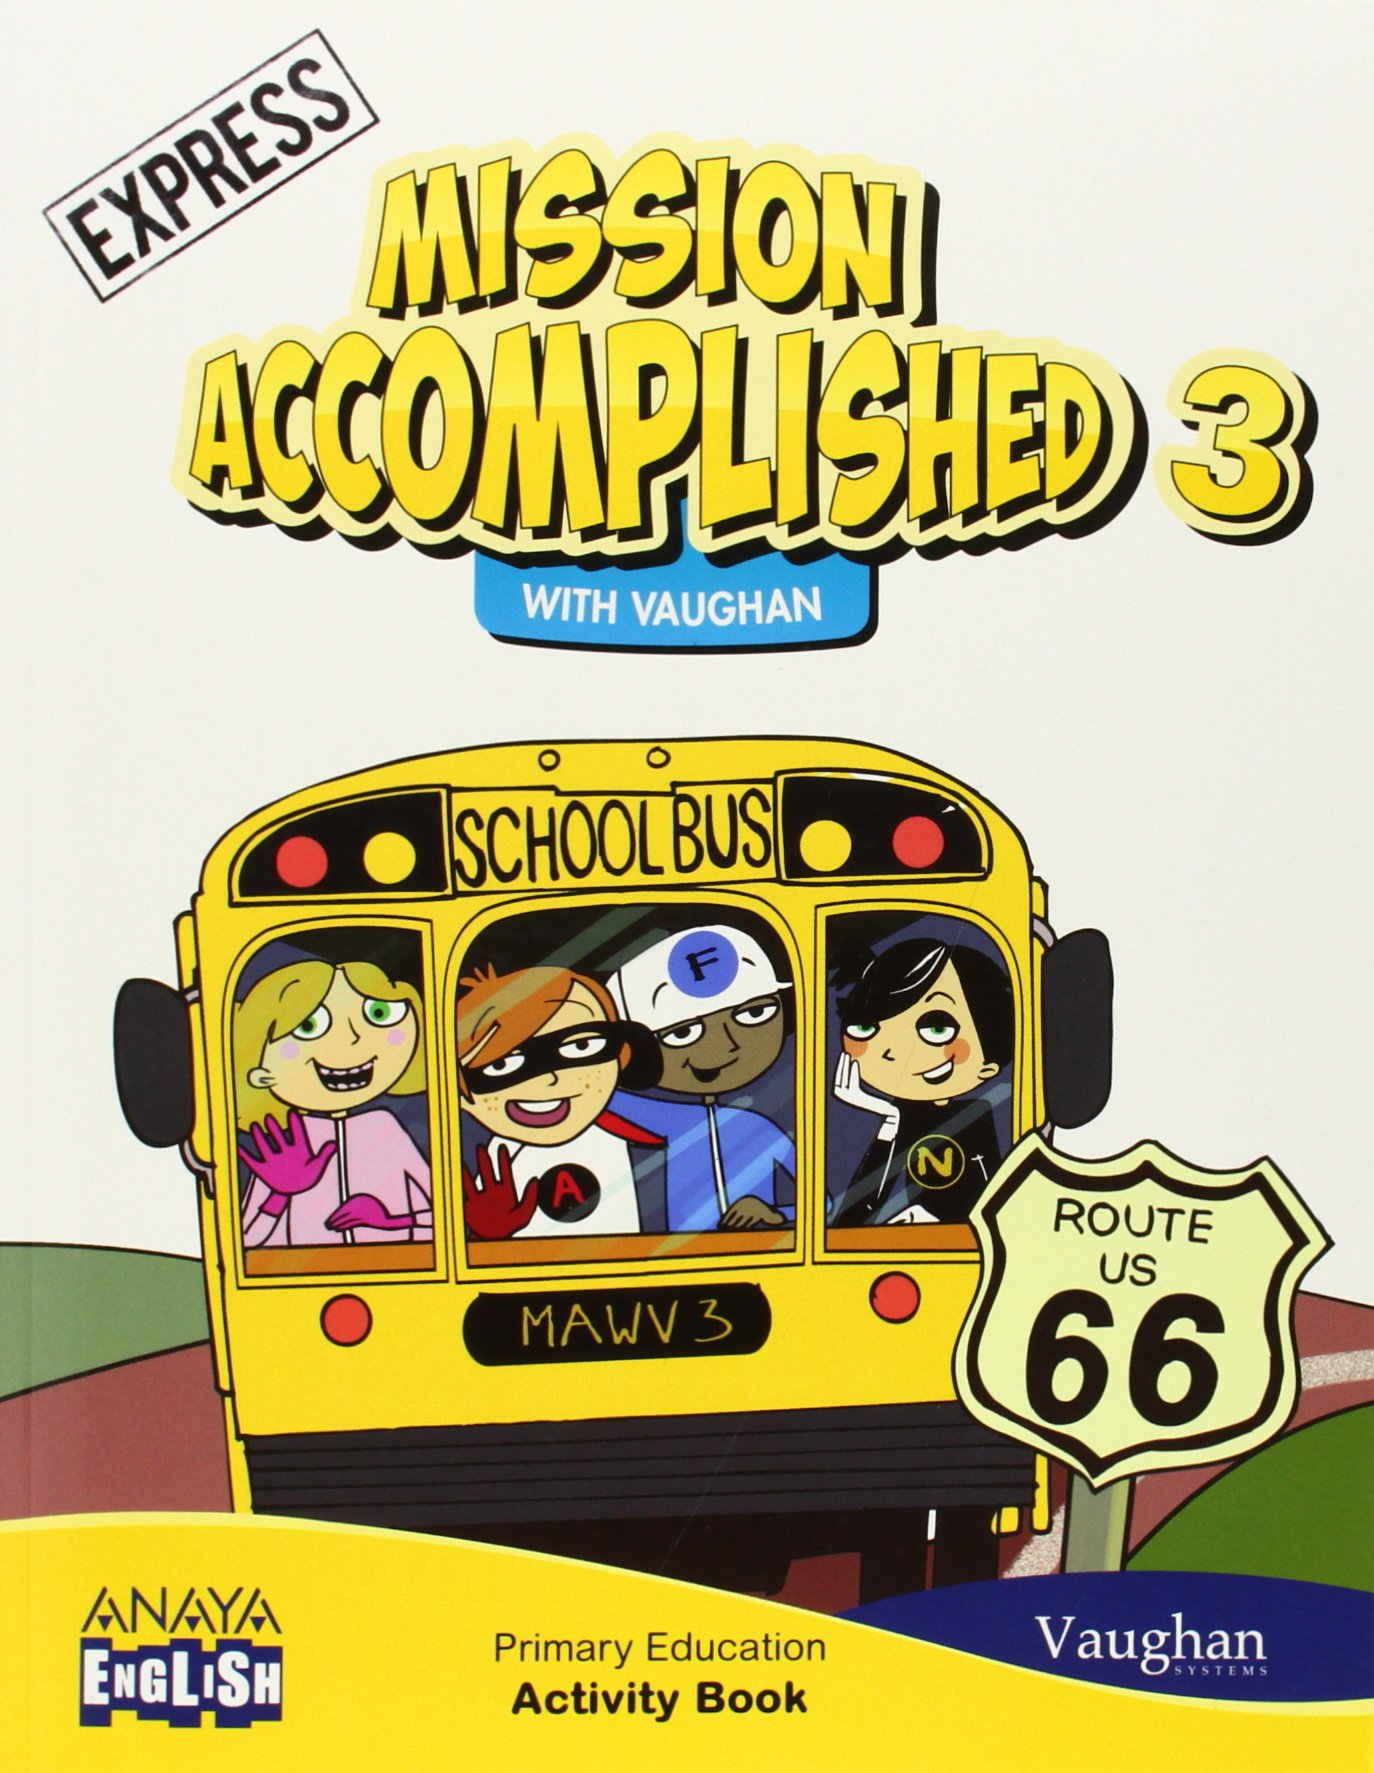 Mission Accomplished 3. Express. Activity Book. (Anaya English) - 9788467848427 Tapa blanda – 19 may 2014 Vaughan Systems ANAYA EDUCACIÓN 8467848421 YQ